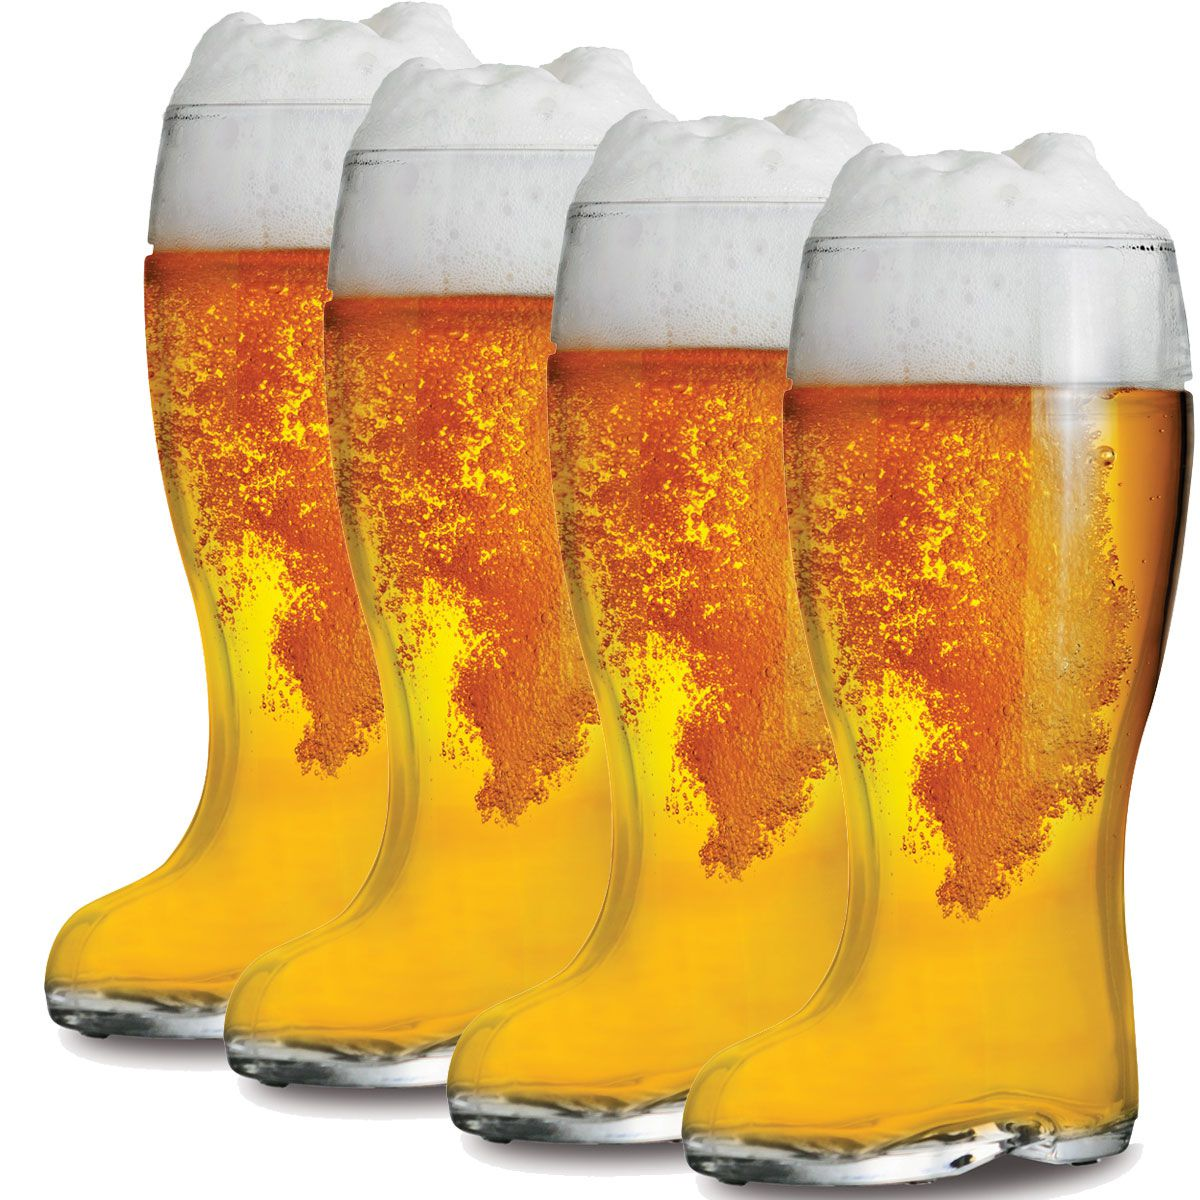 Jogo de Copo Bota Cerveja Stiefel G 1 Litro 4 Peças